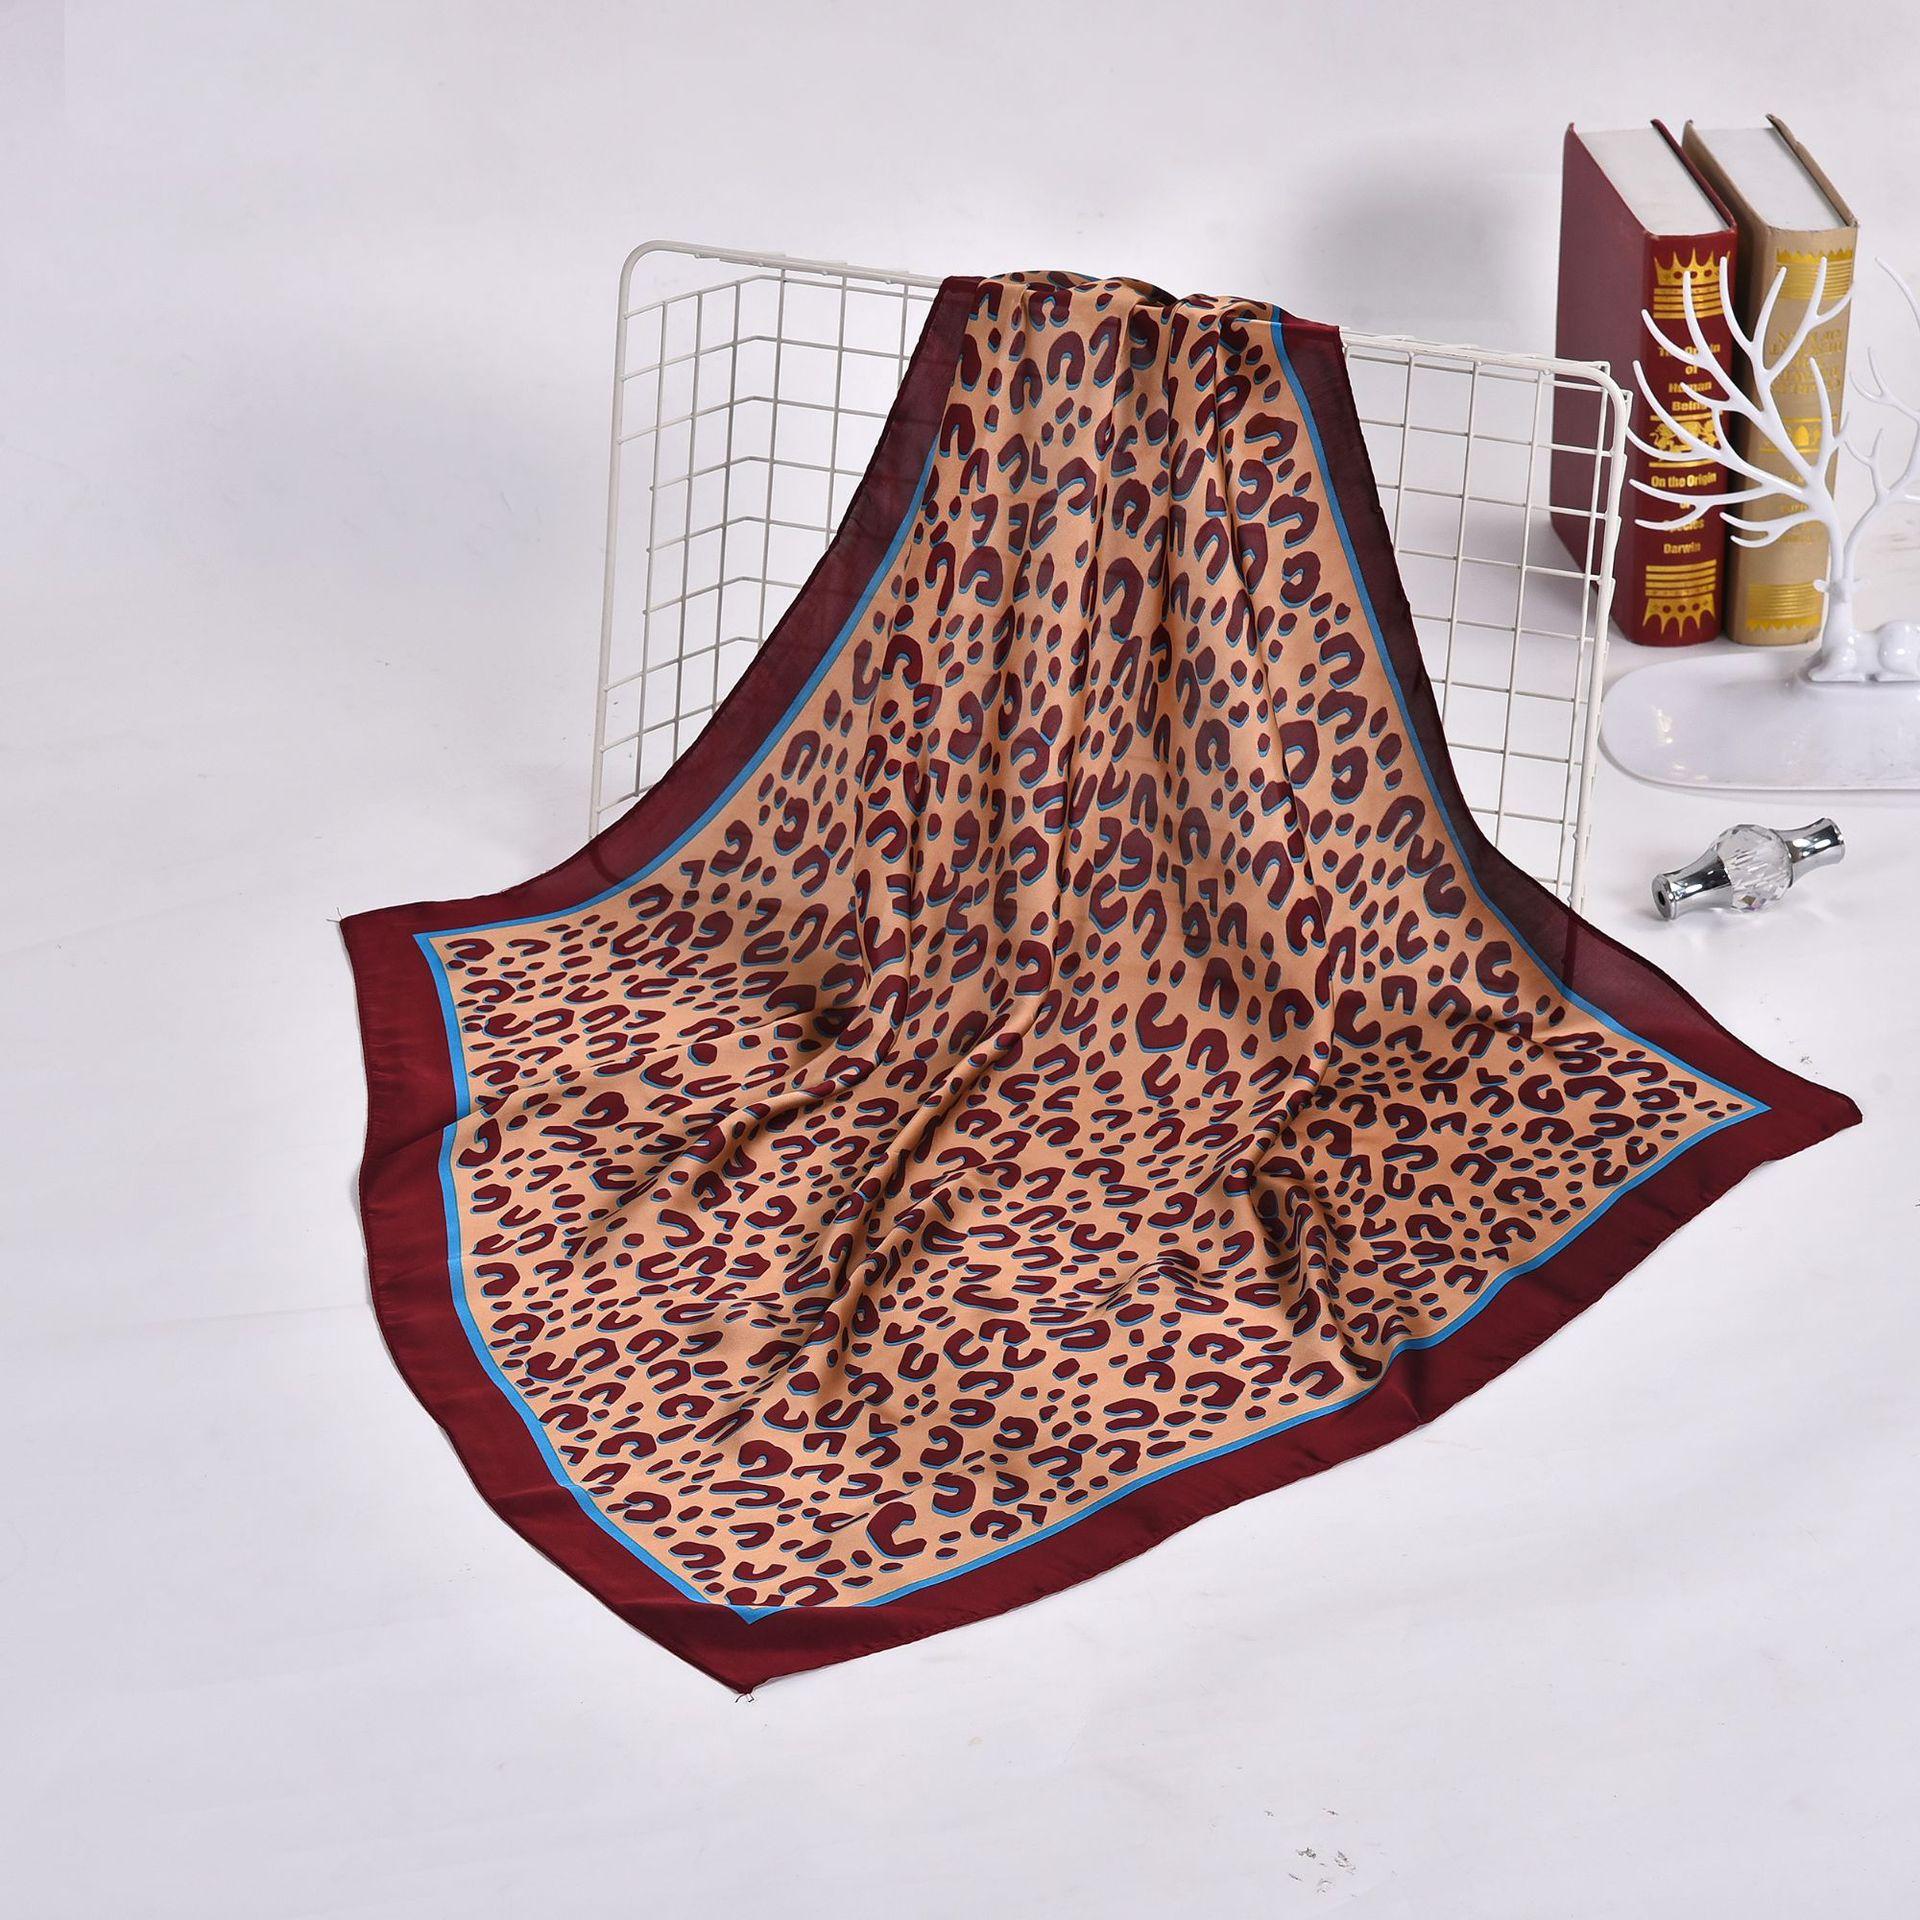 70*70 см Модный Шелковый Атласный платок для женщин, Леопардовый принт, платок на голову, шарфы, Квадратный маленький шейный платок для женщин